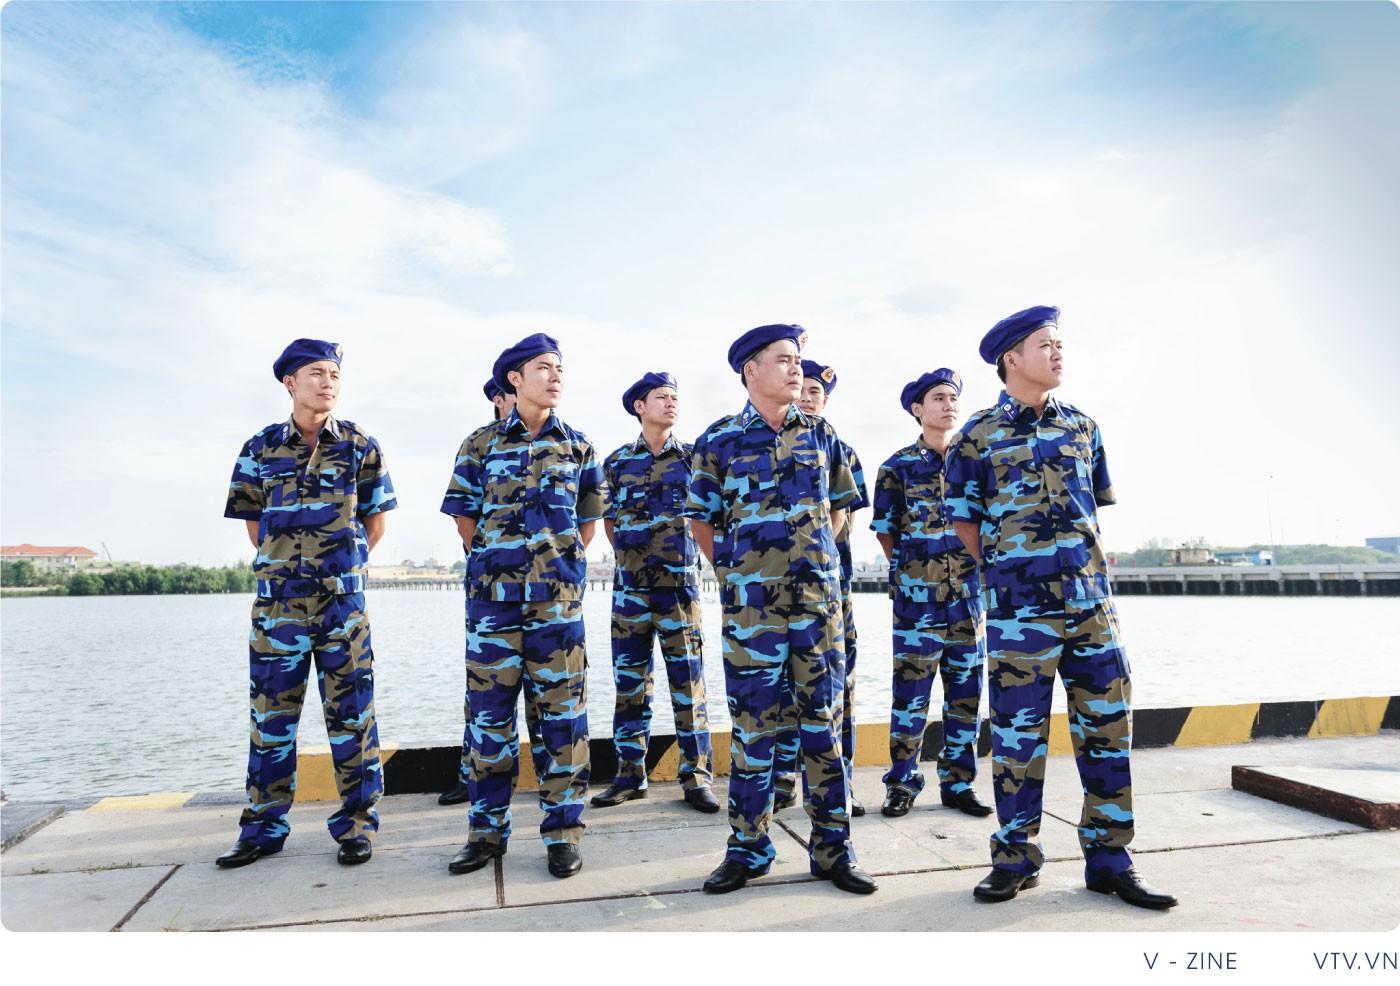 Cảnh sát biển Việt Nam: Bảo vệ chủ quyền với những cột mốc sống - Ảnh 30.